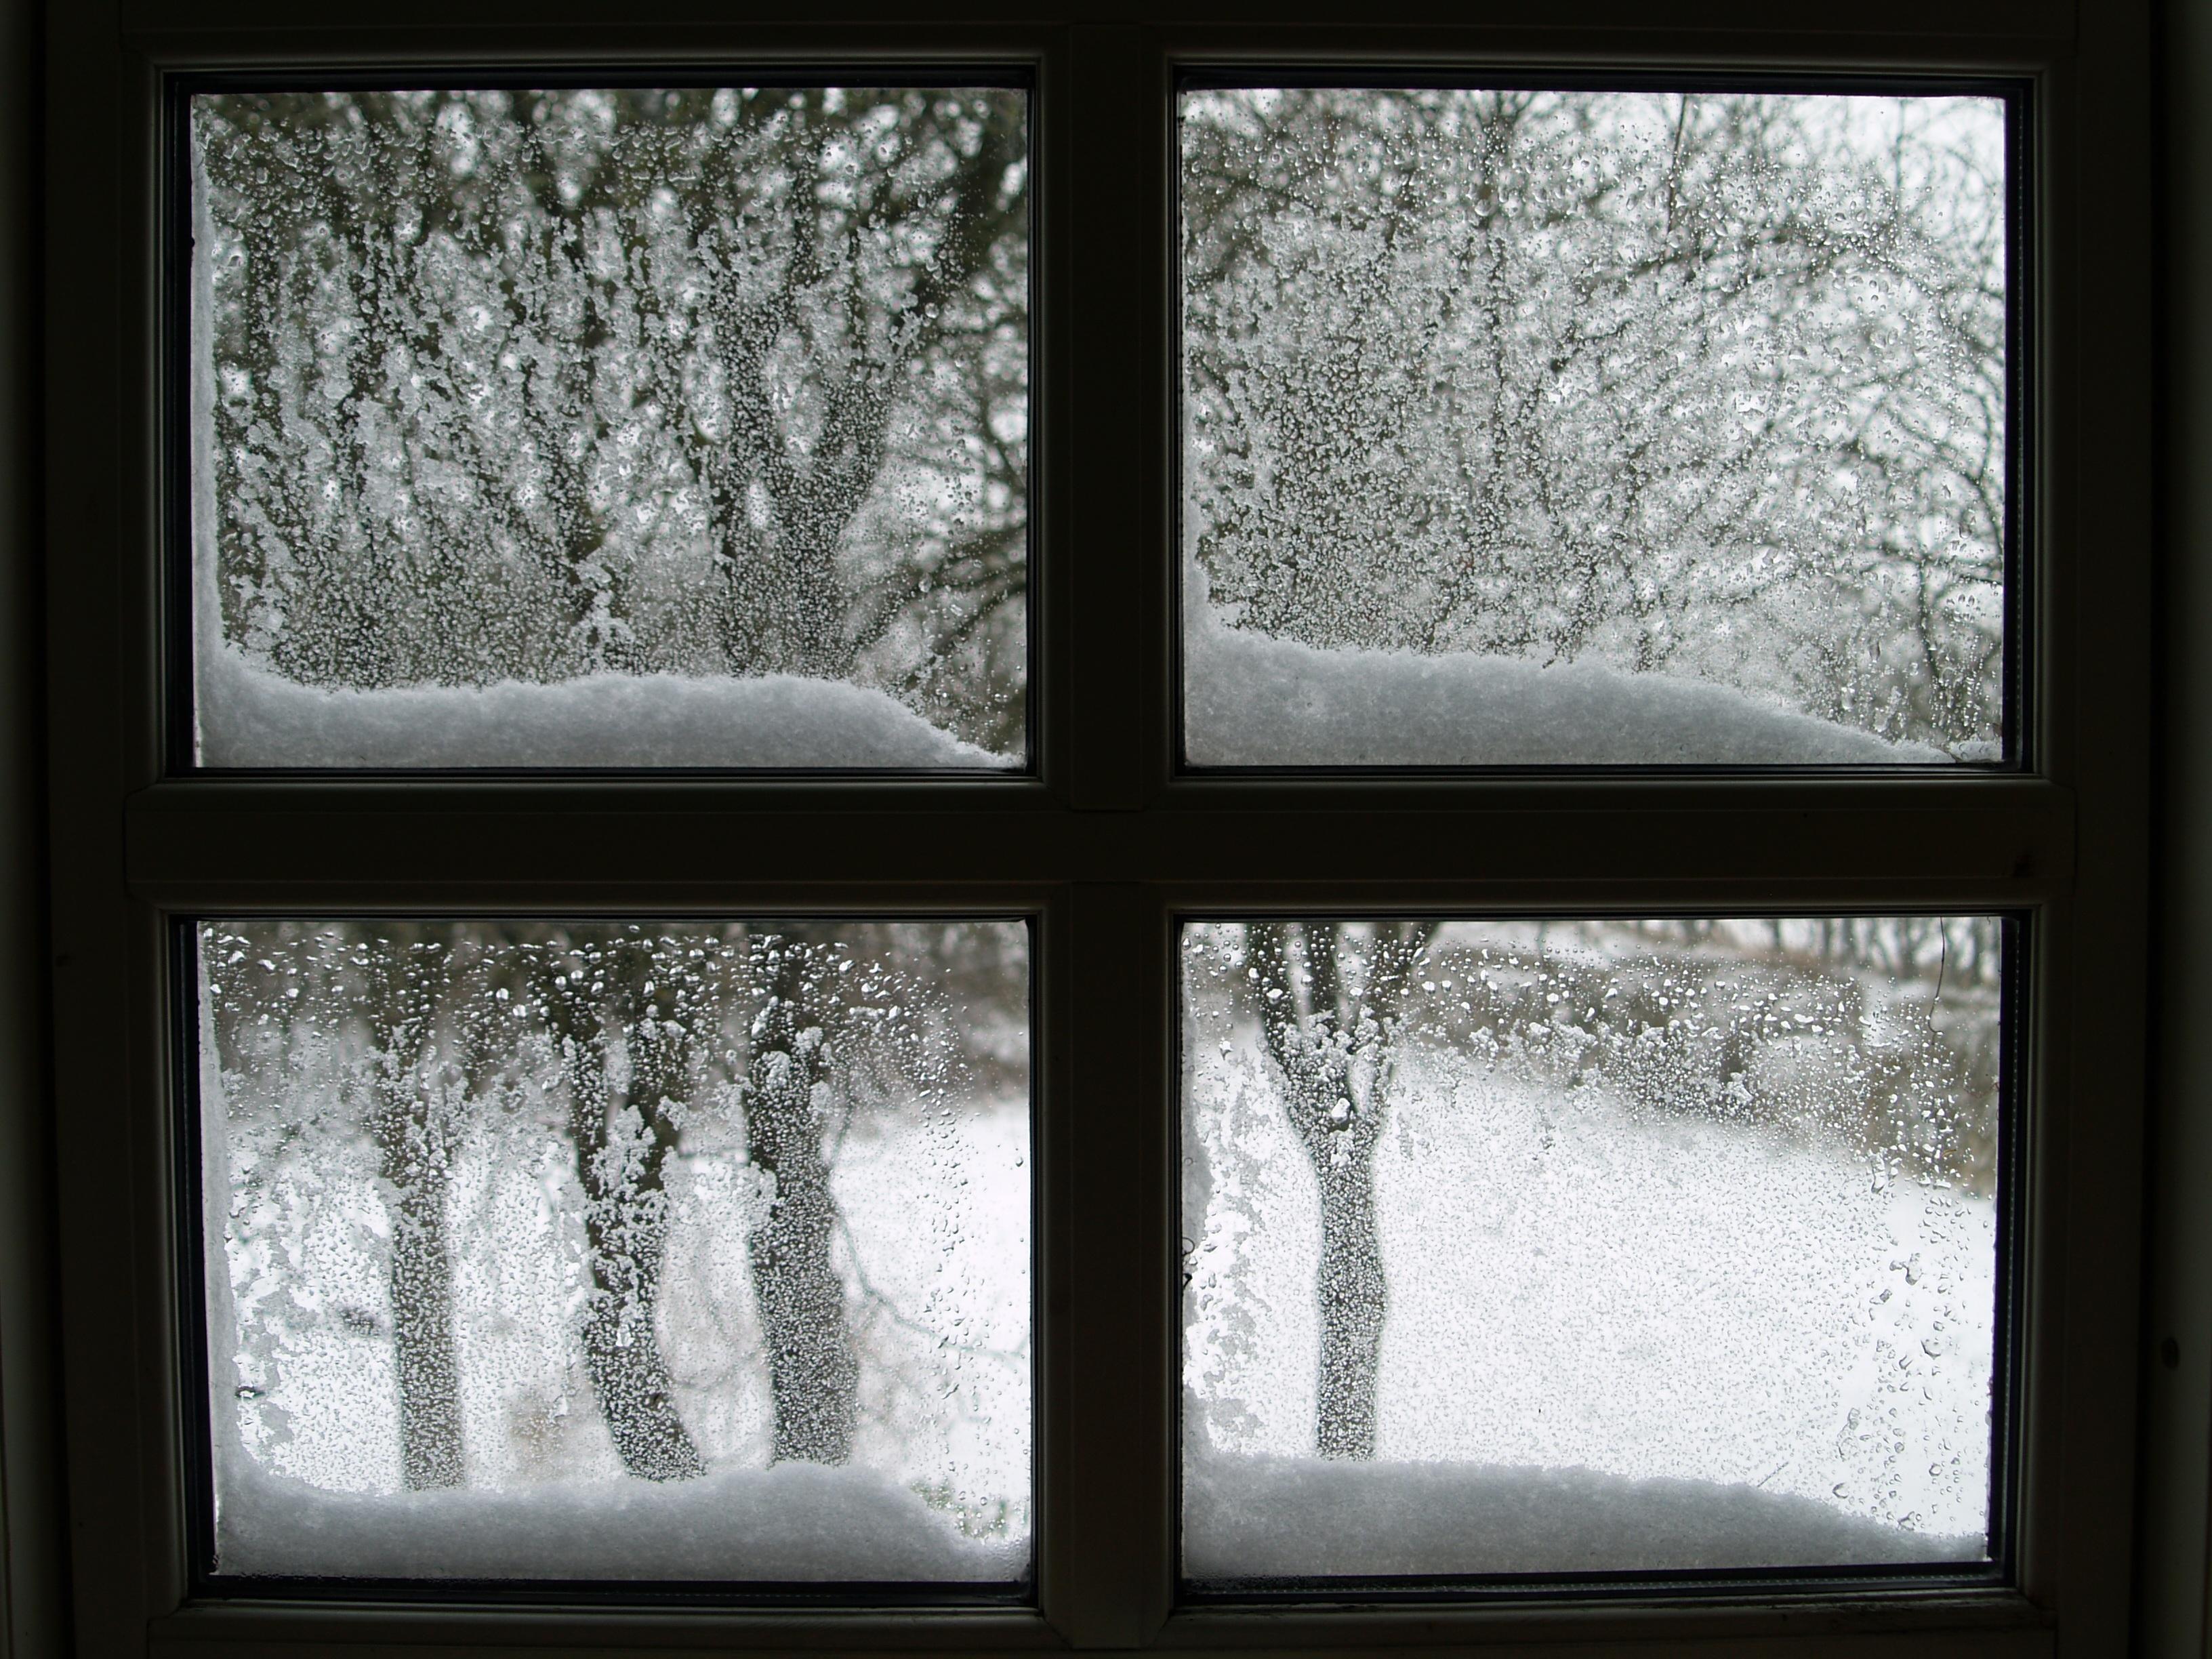 за окном моим снежинки будут рисовать картинки фотограф работает